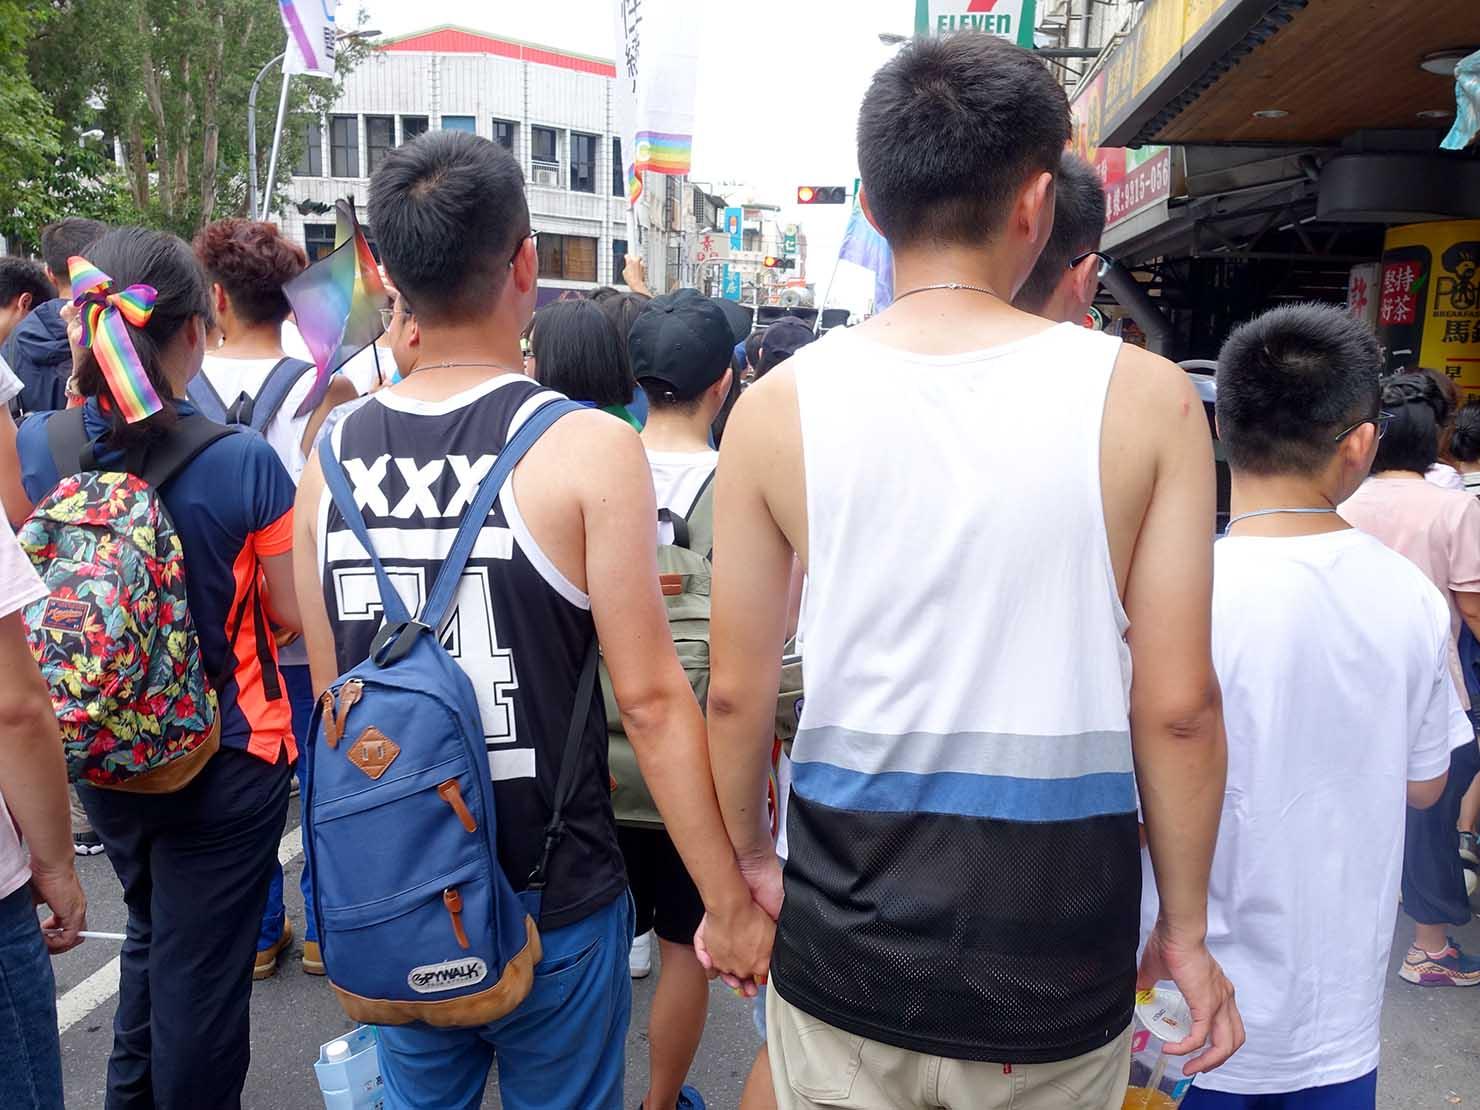 2018年台湾のLGBTプライド「宜蘭驕傲大遊行(宜蘭プライド)」パレードに手を繋いで参加する同性カップル